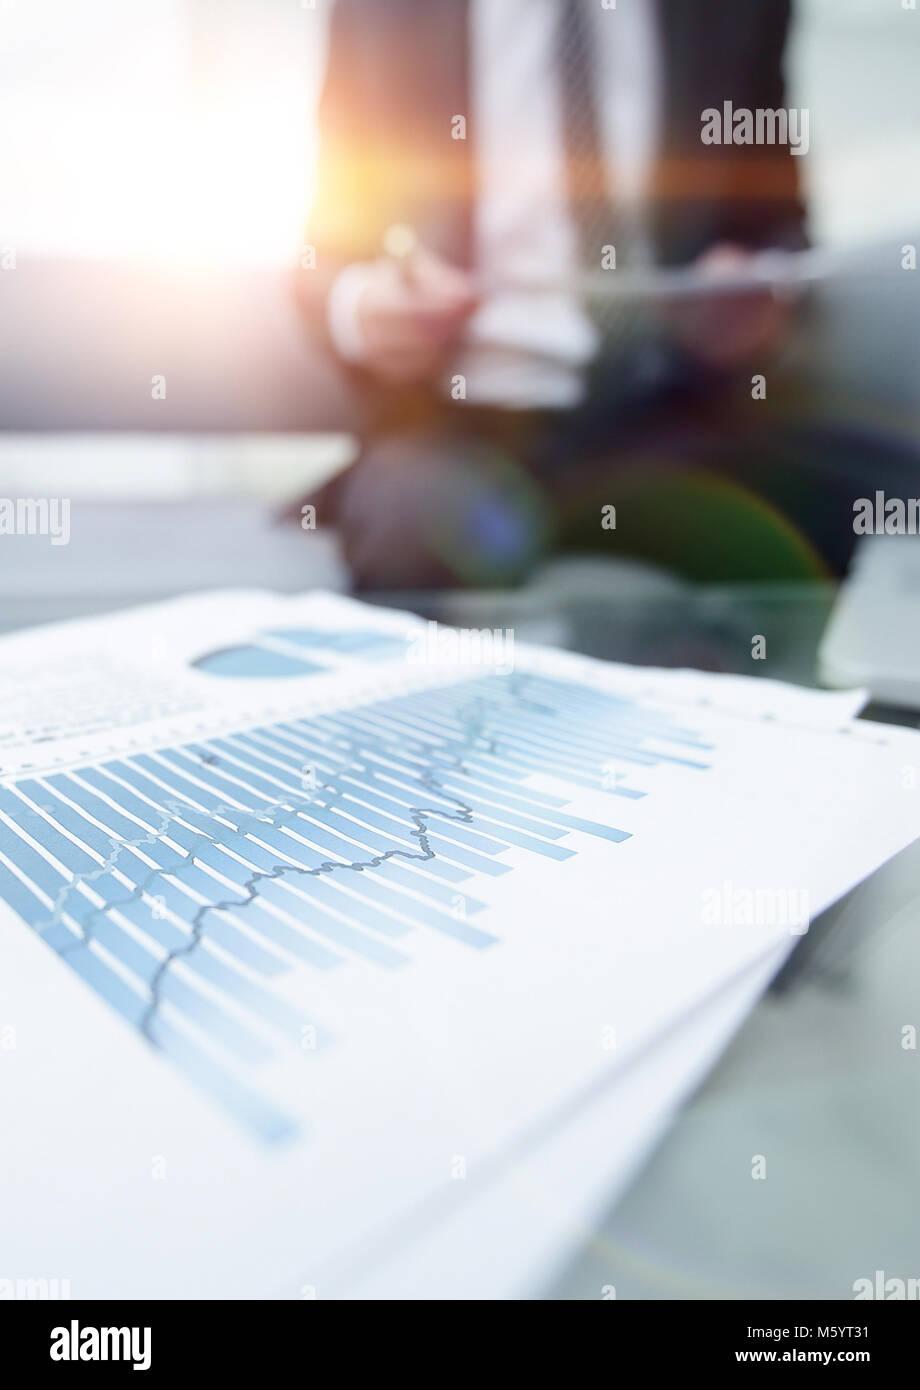 En el escritorio gráfico financiero. antecedentes comerciales. Foto de stock